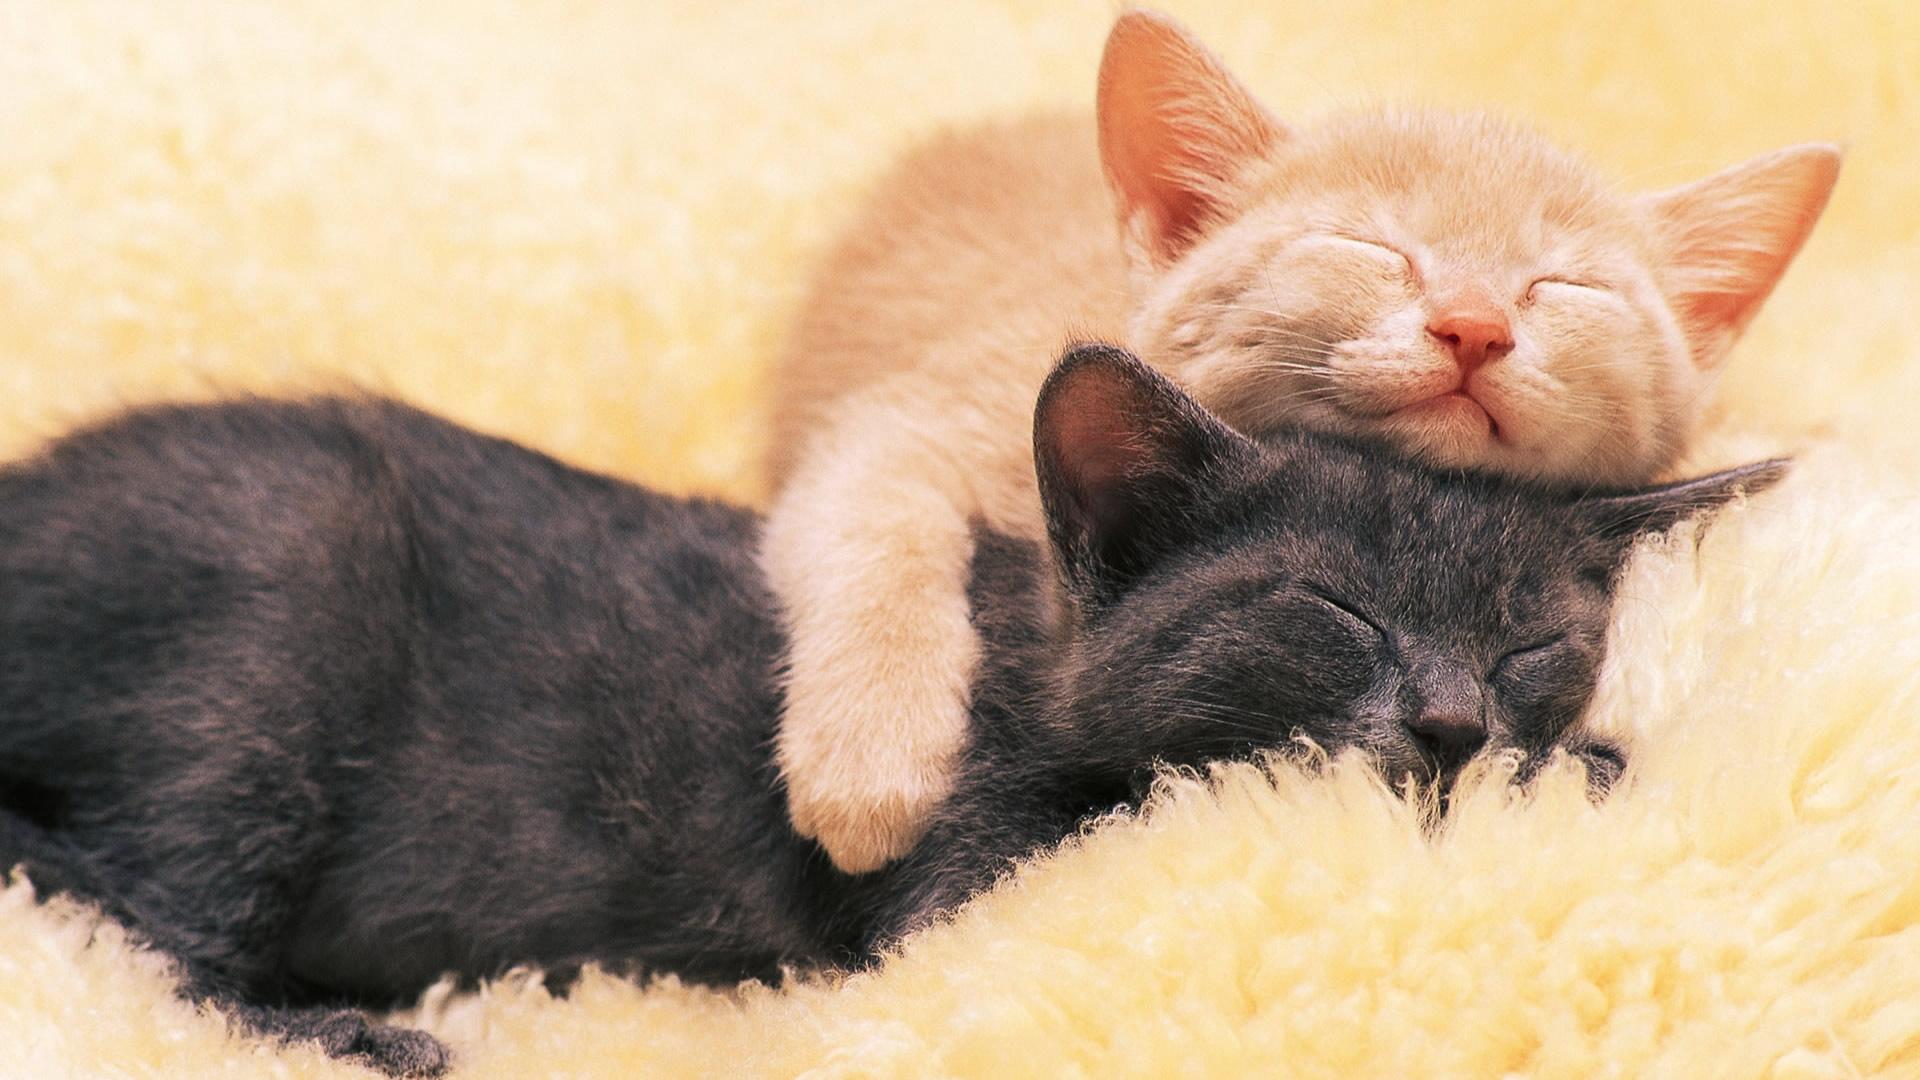 展开全部 是一张两只猫咪睡觉的大图图,但不是漫画版的,还是很可爱的